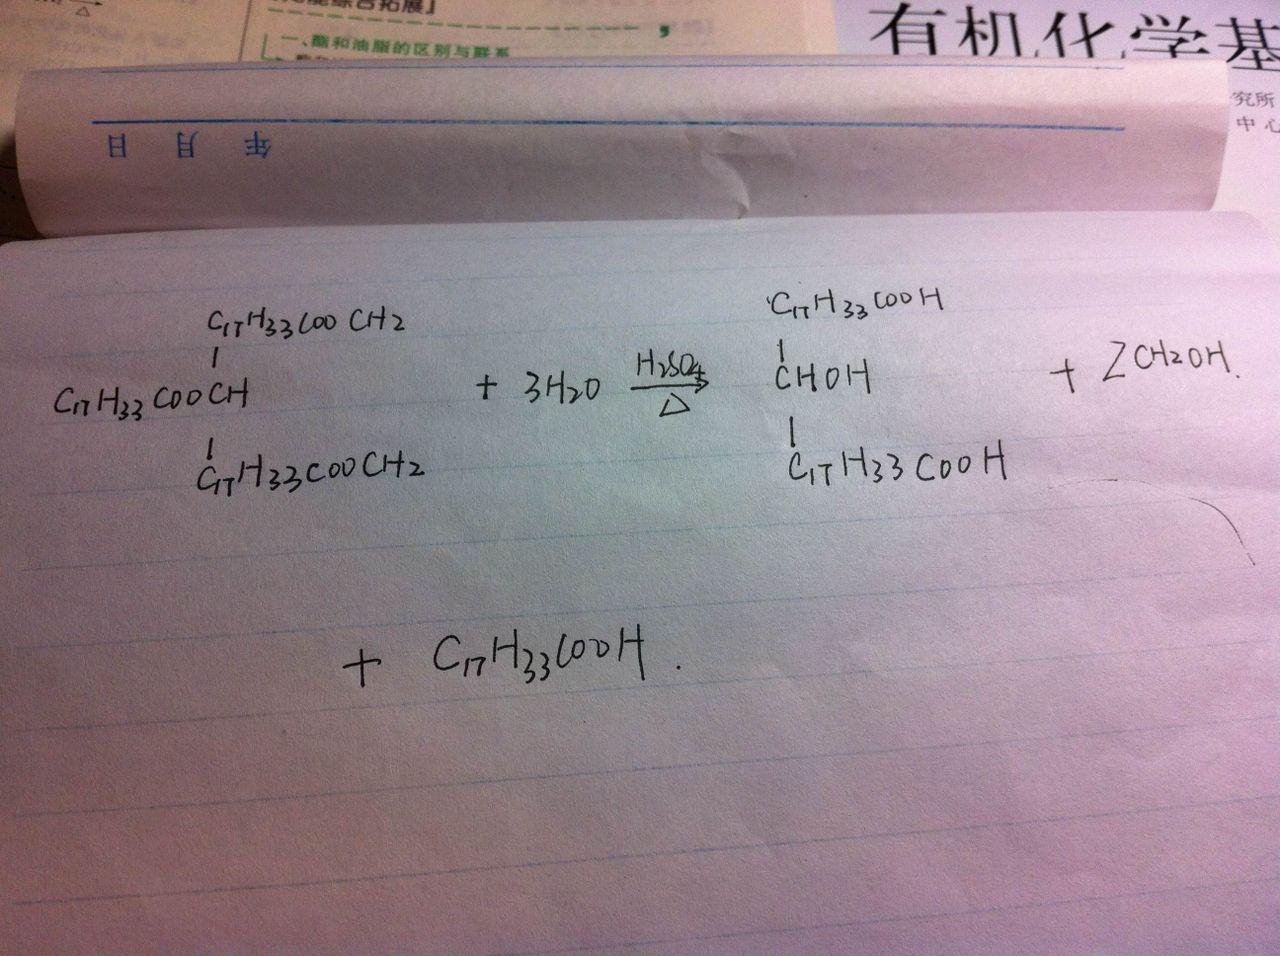 但是油酸是丙三醇,从油酸甘油酯的结构上来看并不能水解成丙三醇!